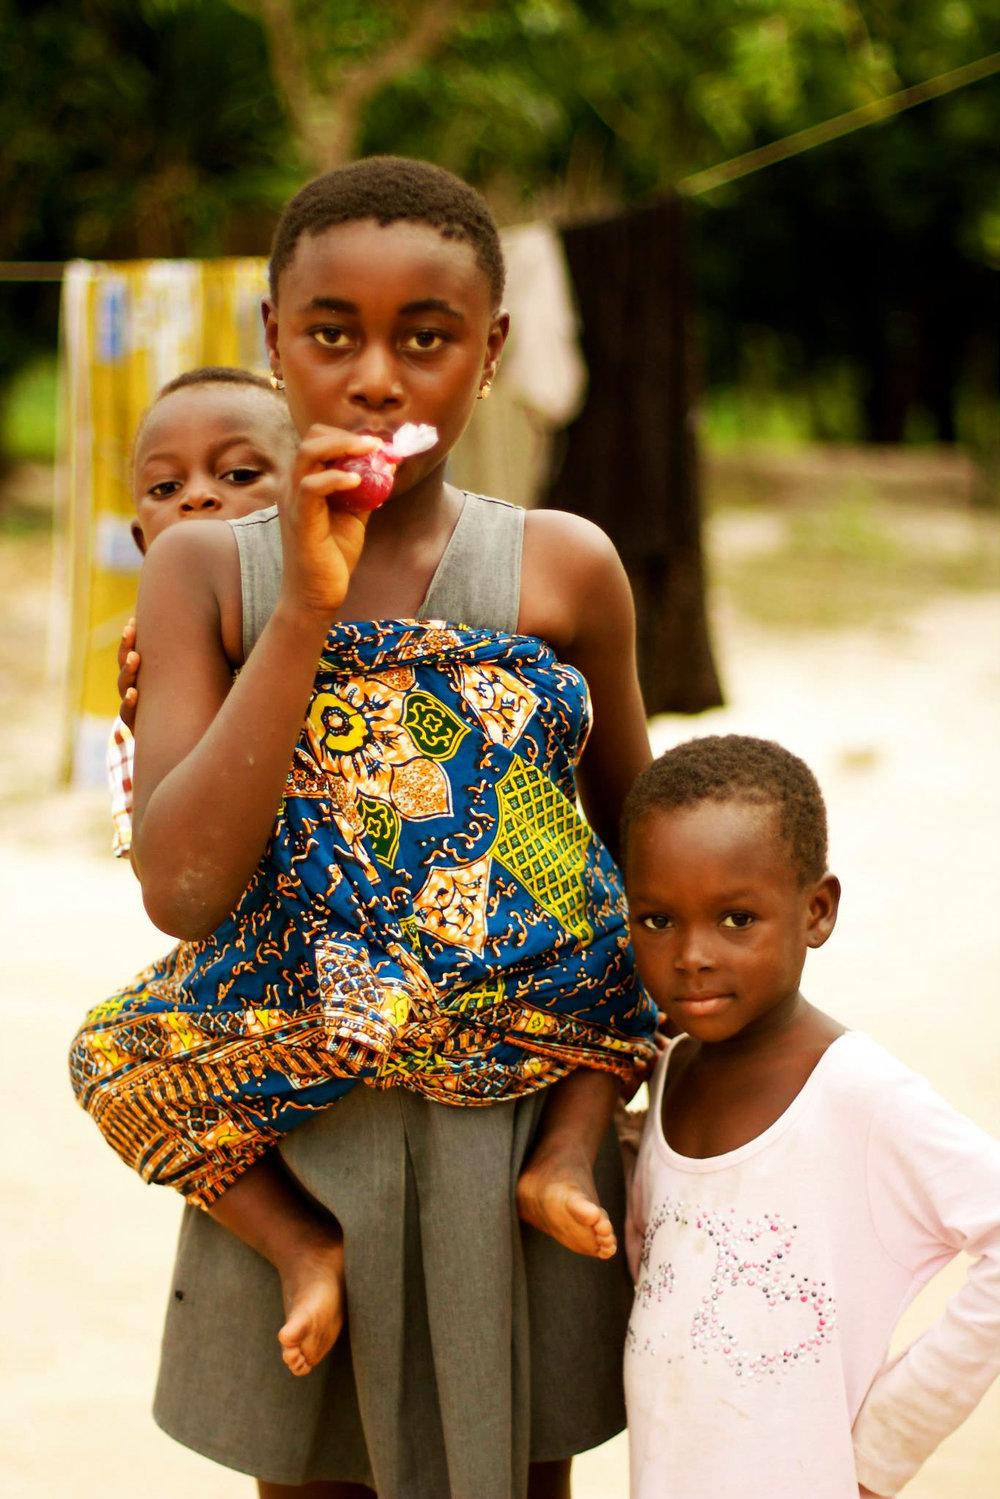 Peepin' Ghana, 2014